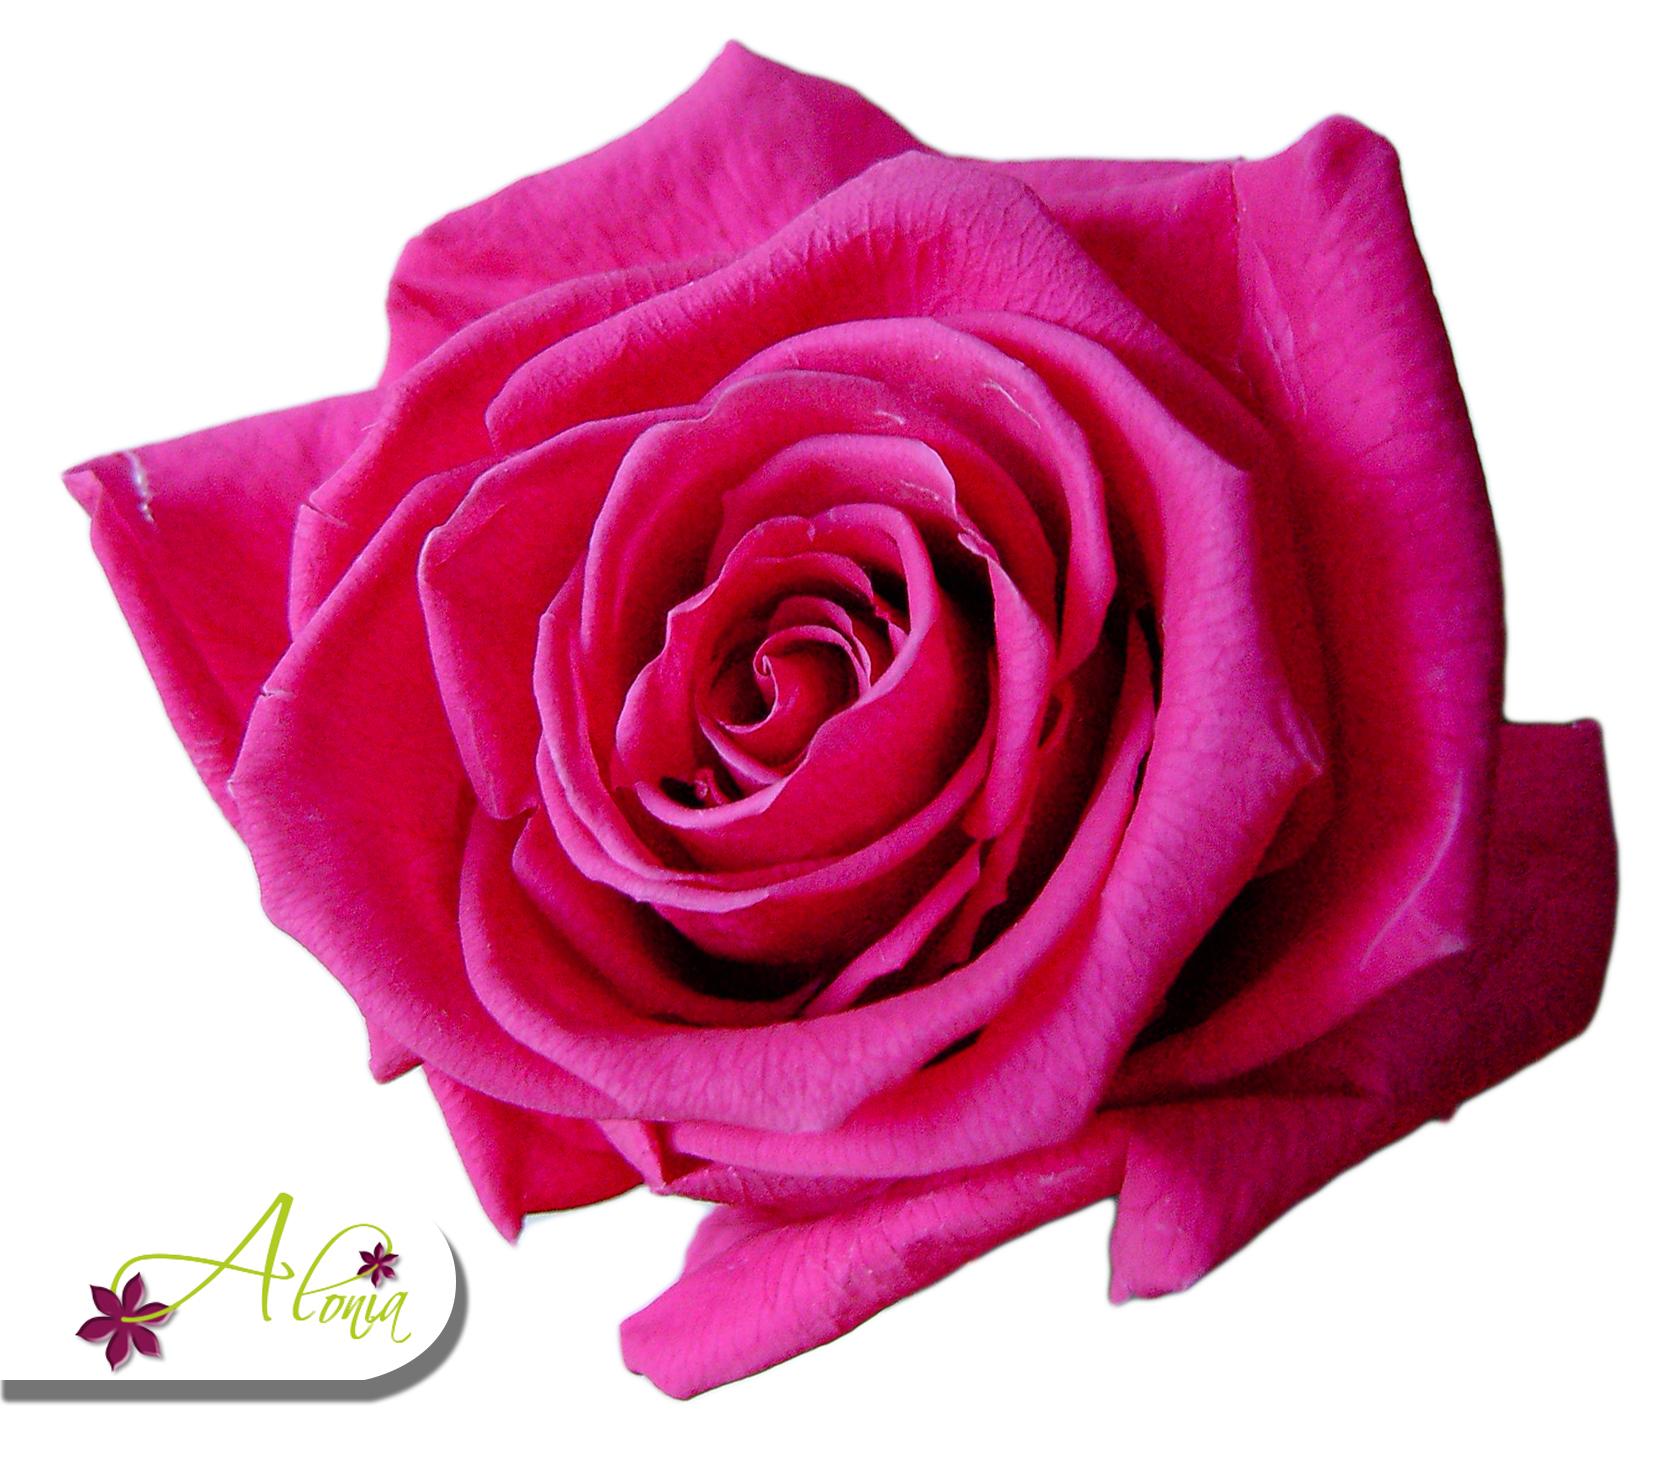 Stabilizované kvety - tmavoružová ruža